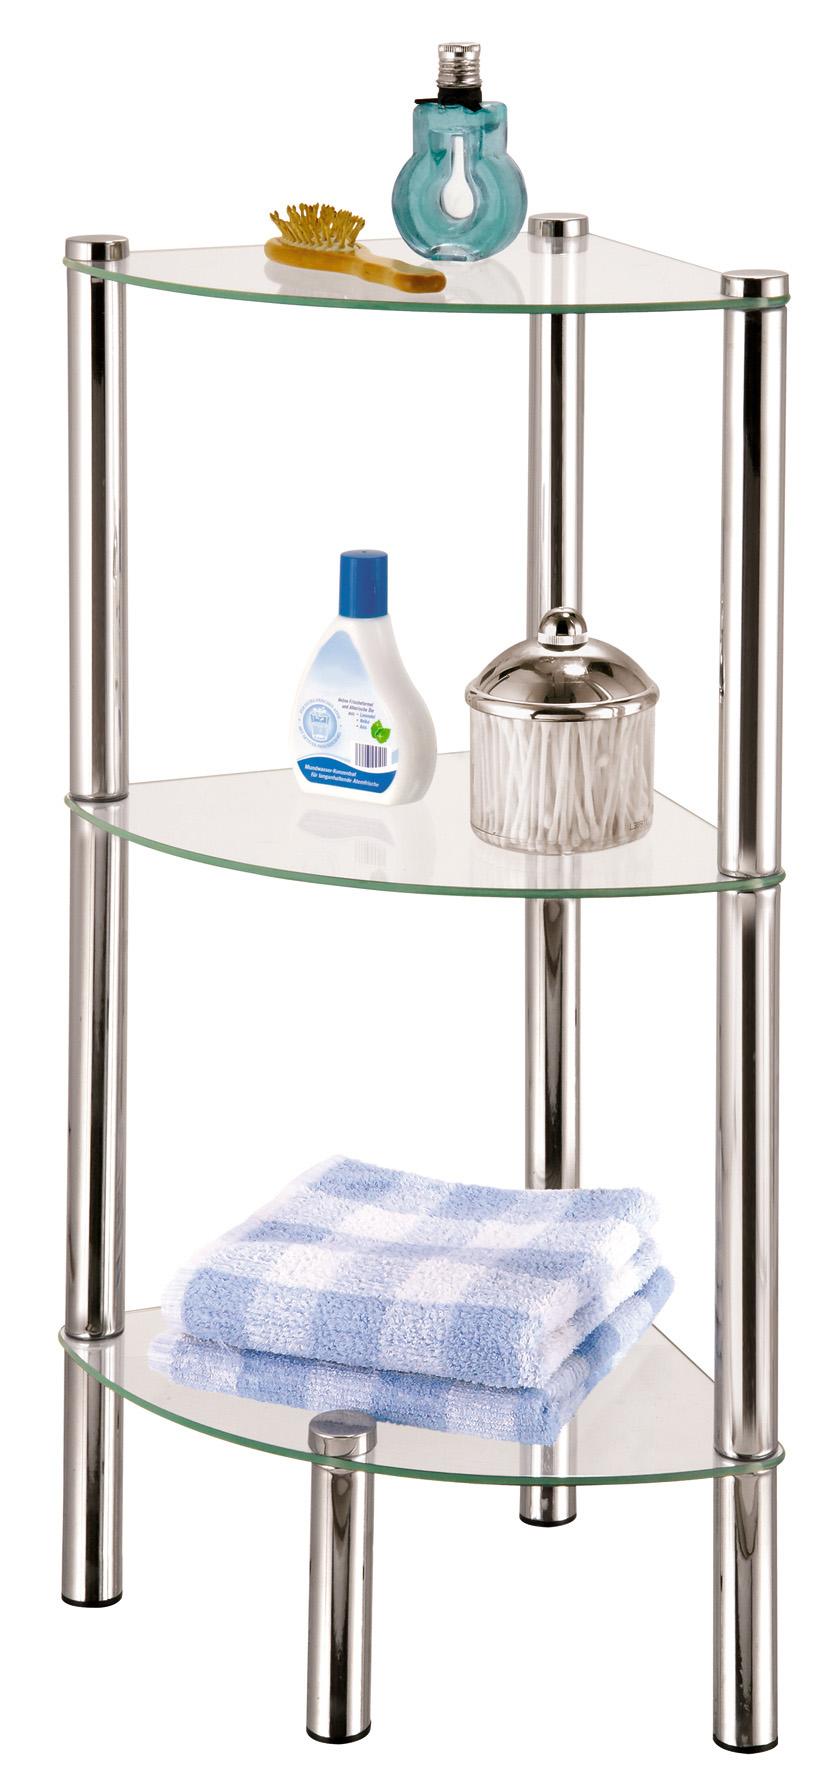 Стойка для ванной Axentia, 3-ярусная, угловая117036Стойка Axentia с 3 стеклянными полками выполнена из стали и предназначена для хранения различных предметов в ванной комнате. Очень удобная и компактная, но в тоже время вместительная, она прекрасно впишется в пространство ванной.